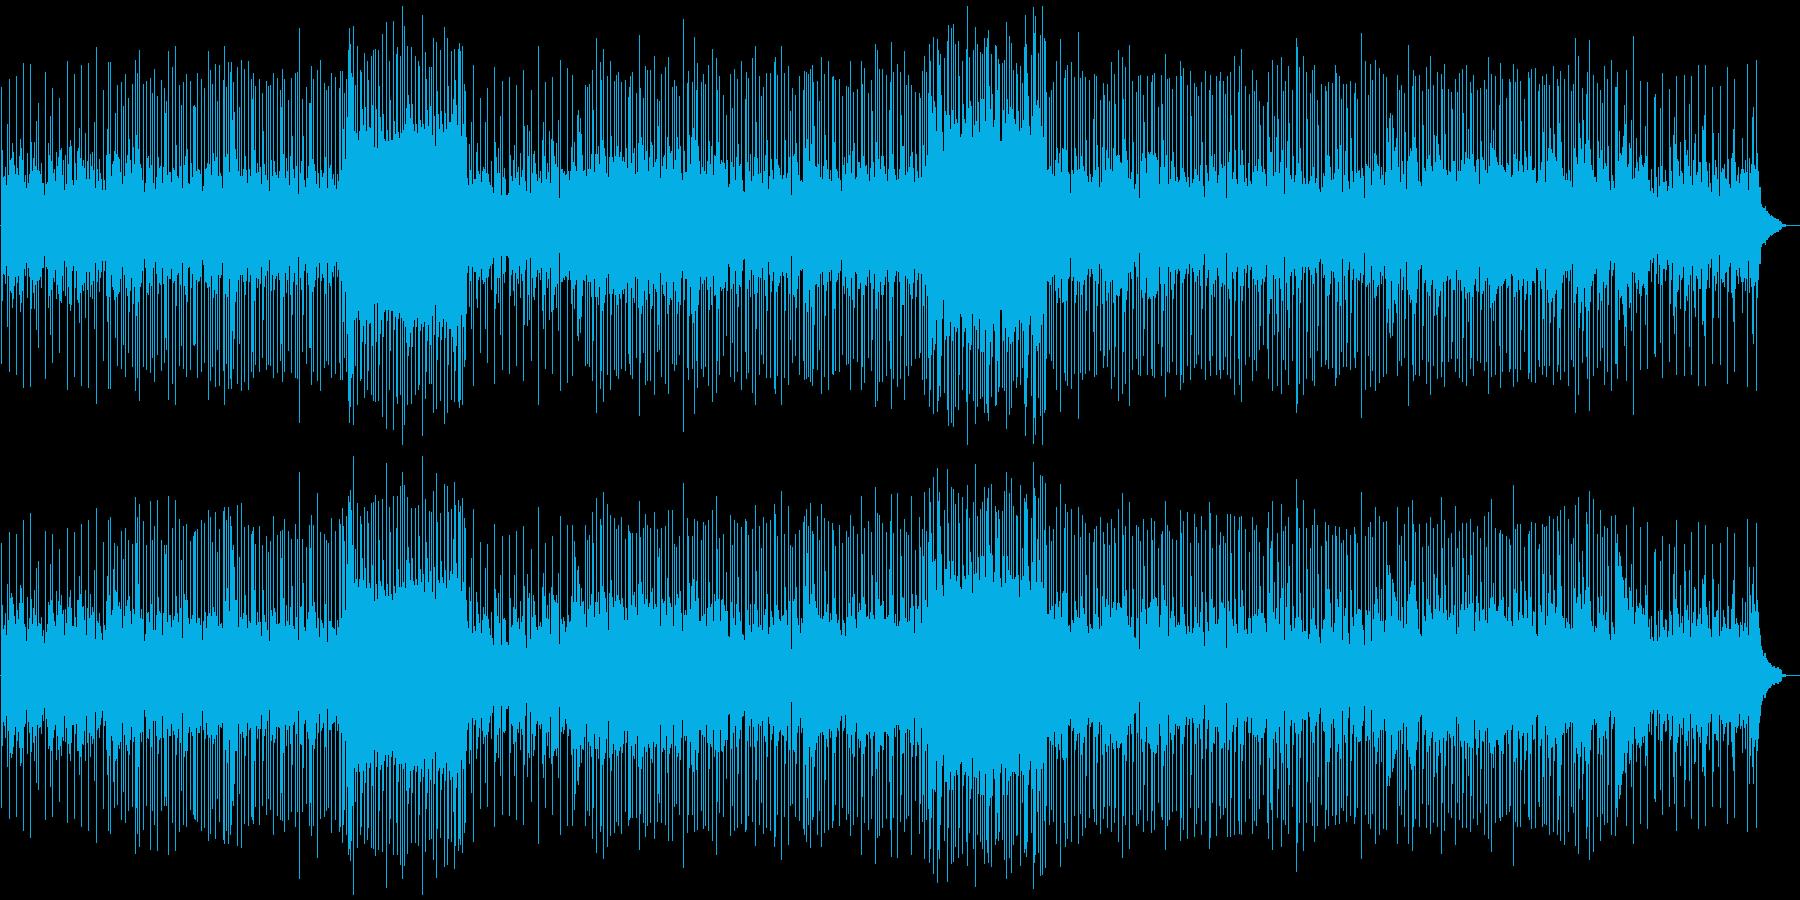 スローなバラード調の曲の再生済みの波形